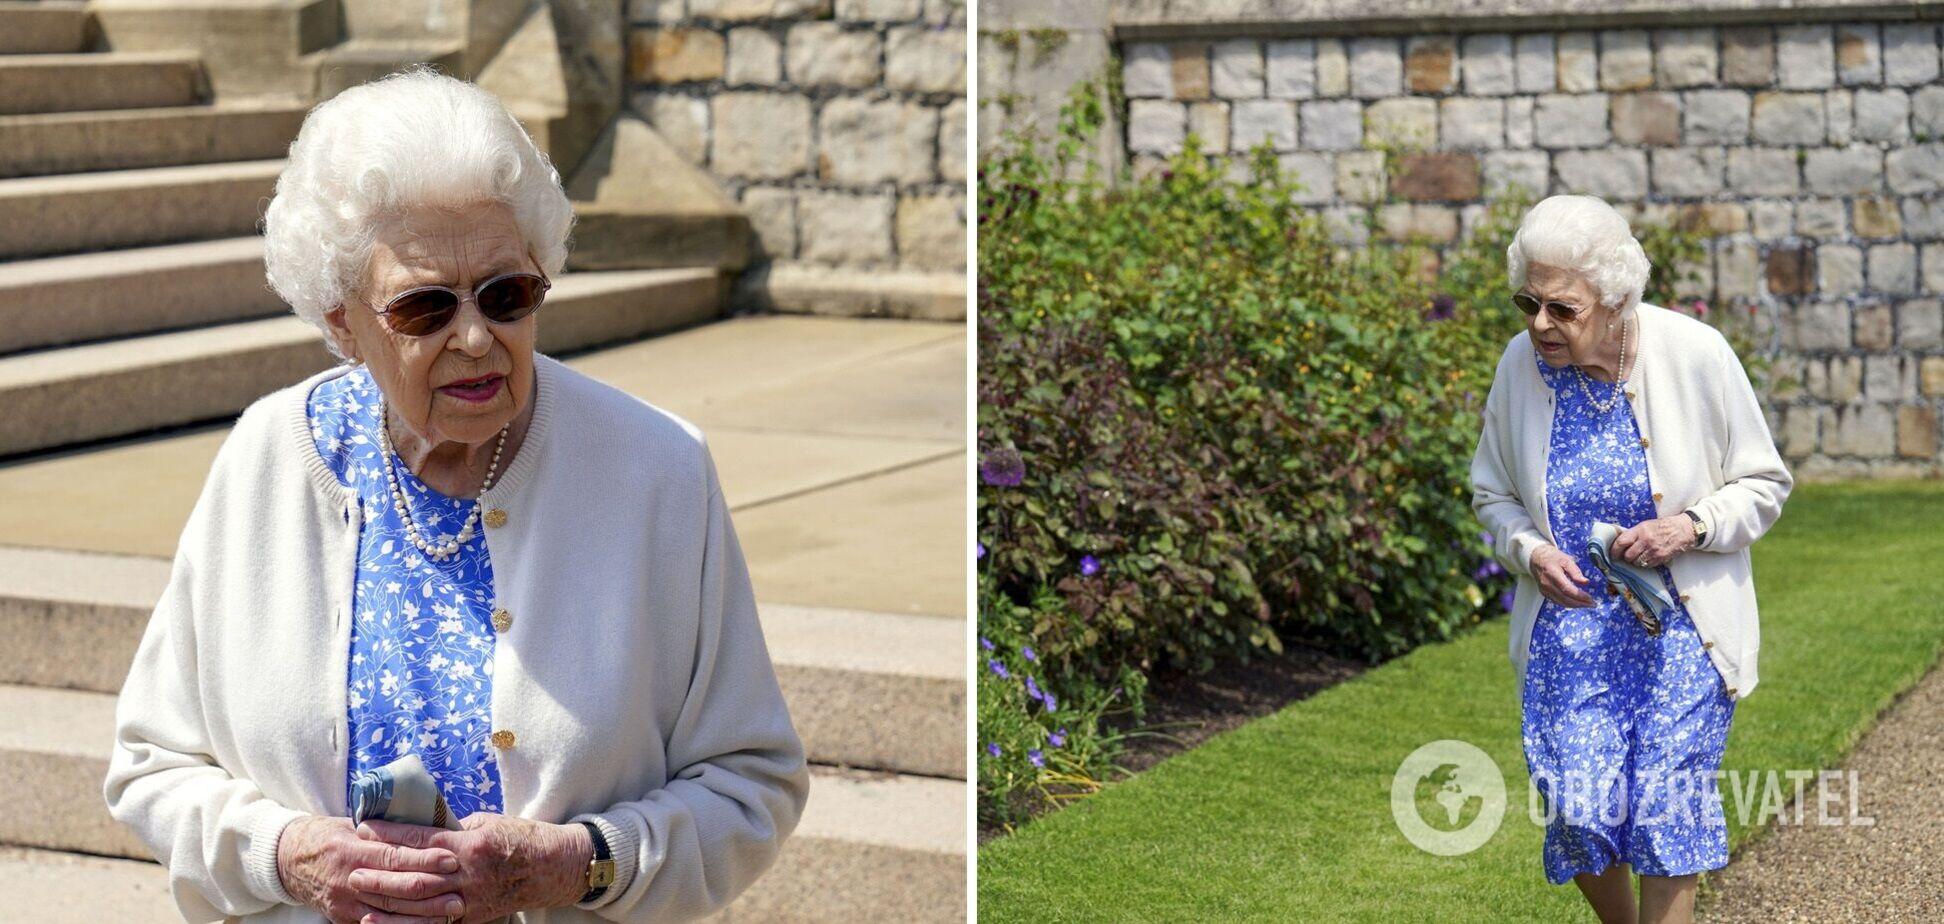 Єлизавета II посадила новий вид троянд, які названі на честь принца Філіпа